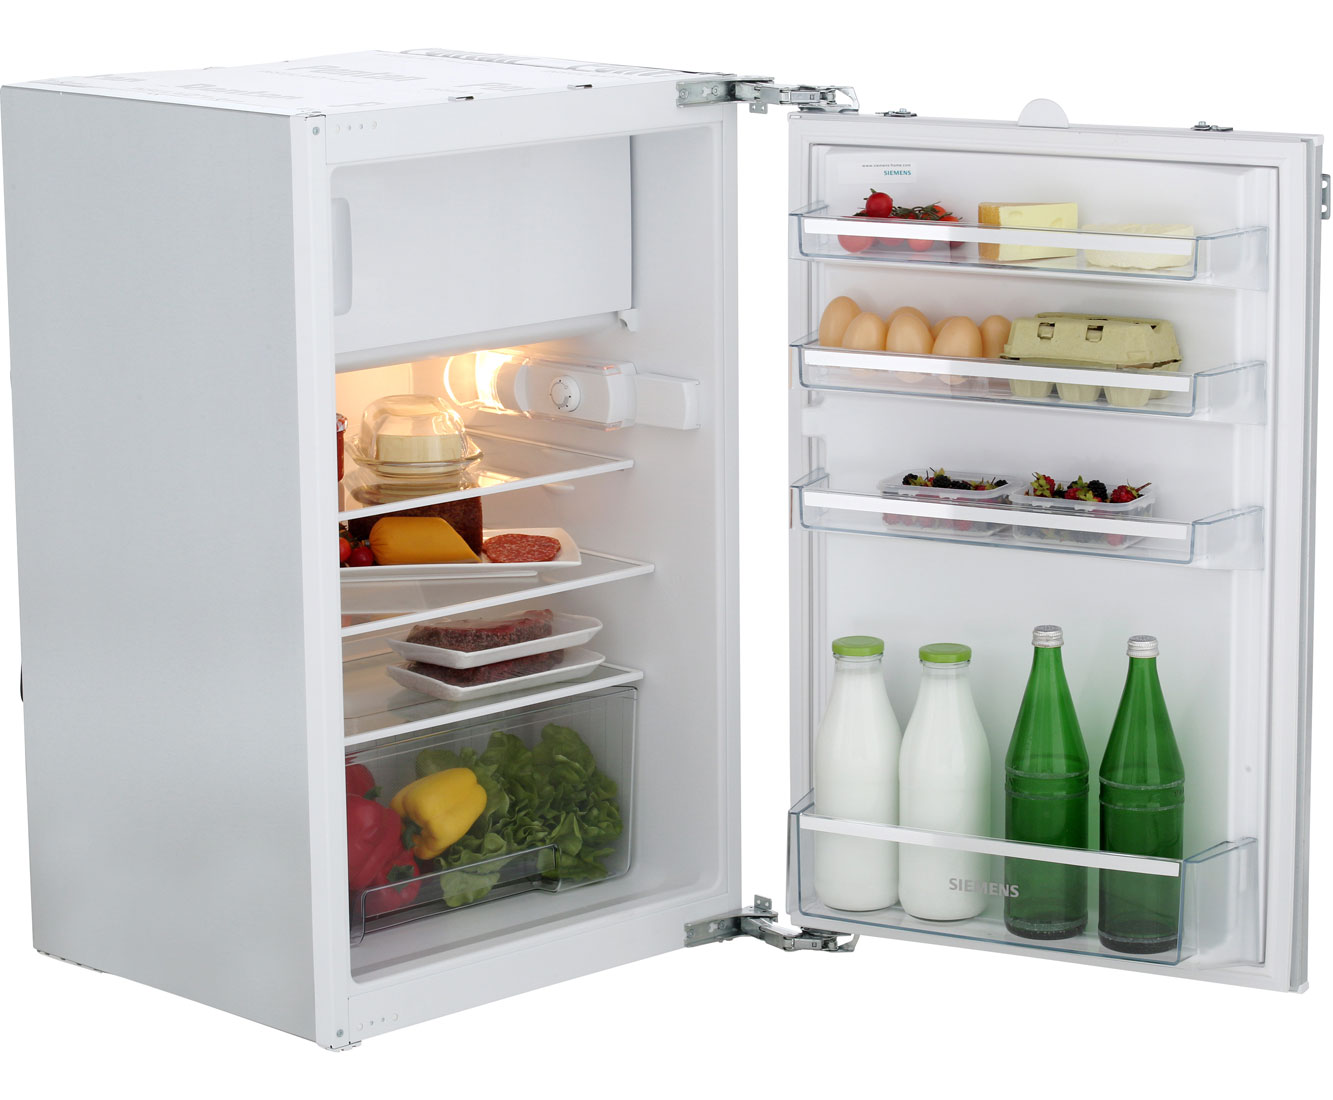 Siemens Kühlschrank Groß : Siemens iq ki lv einbau kühlschrank mit gefrierfach er